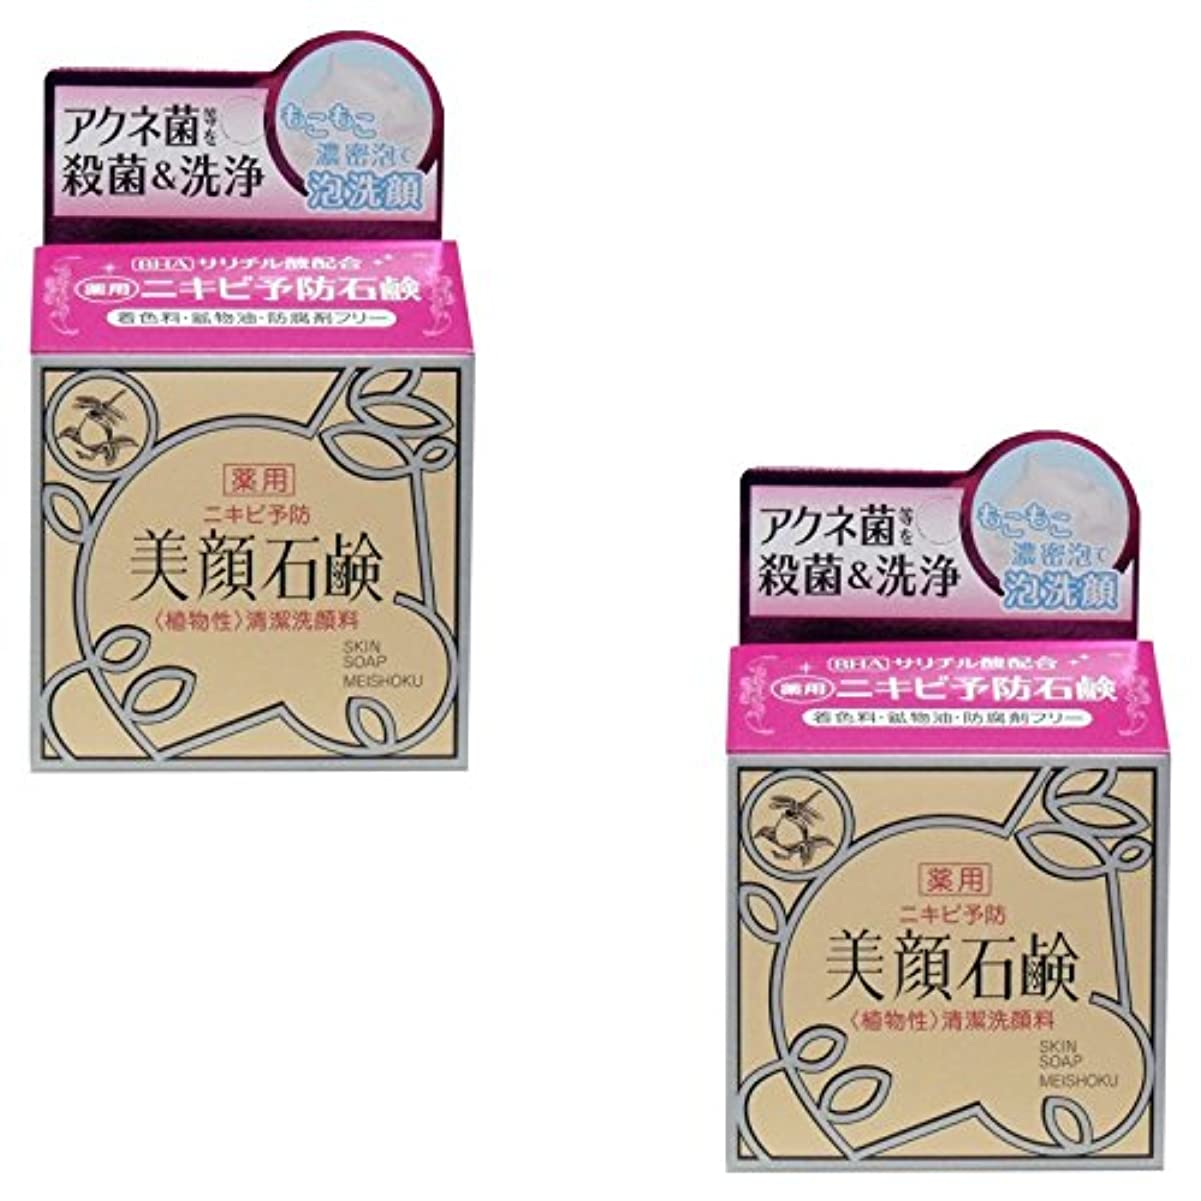 薬局ハード運営【まとめ買い】明色化粧品 明色美顔薬用石鹸 80g (医薬部外品)【×2個】